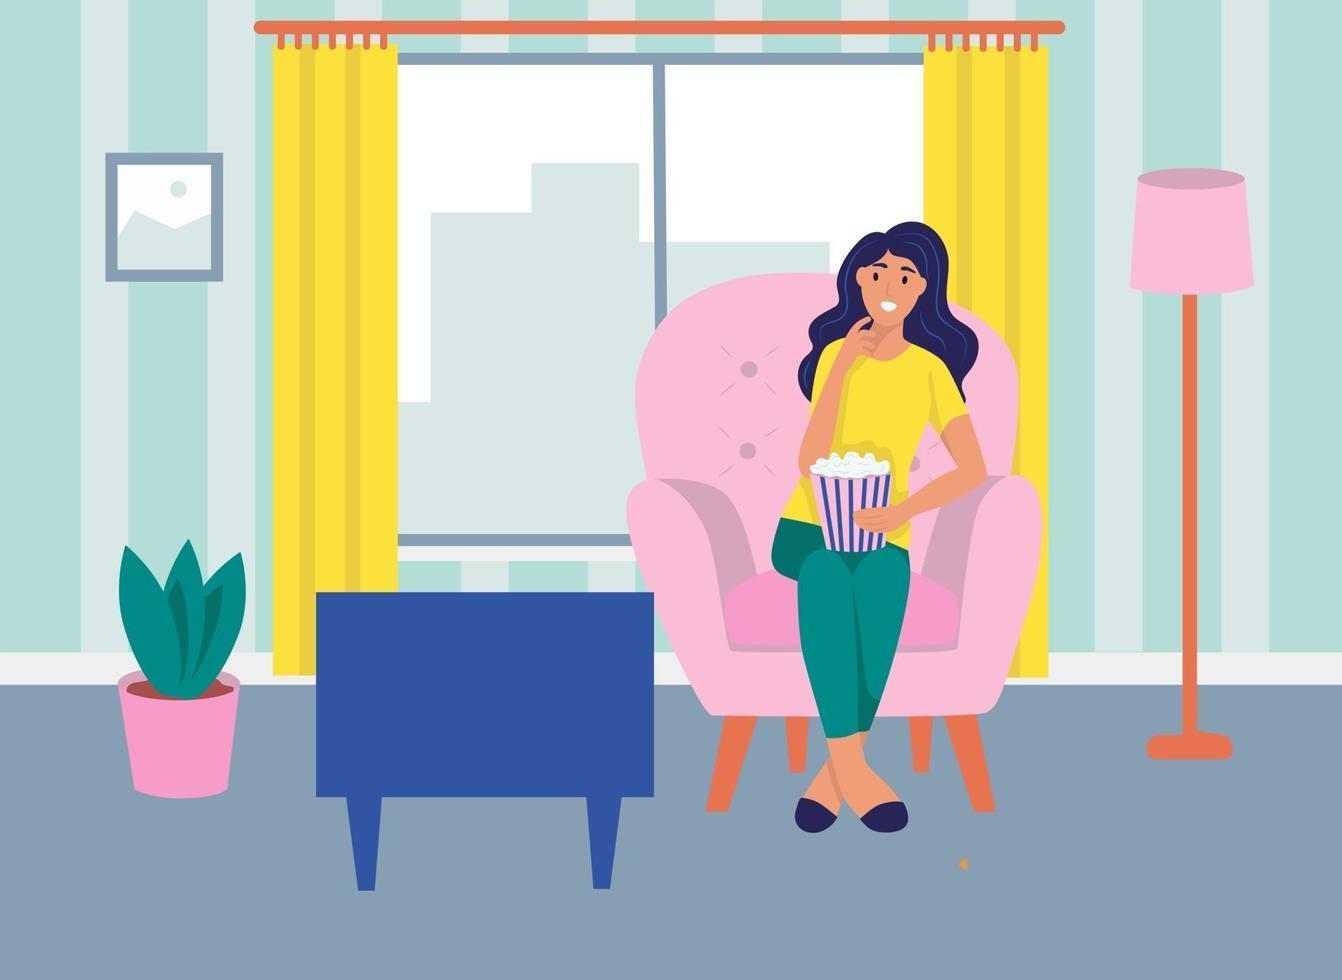 une jeune femme est assise sur le canapé, regarde la télé et mange du pop-corn. le concept de la vie quotidienne, des loisirs quotidiens et des activités professionnelles. illustration vectorielle de dessin animé plat. vecteur